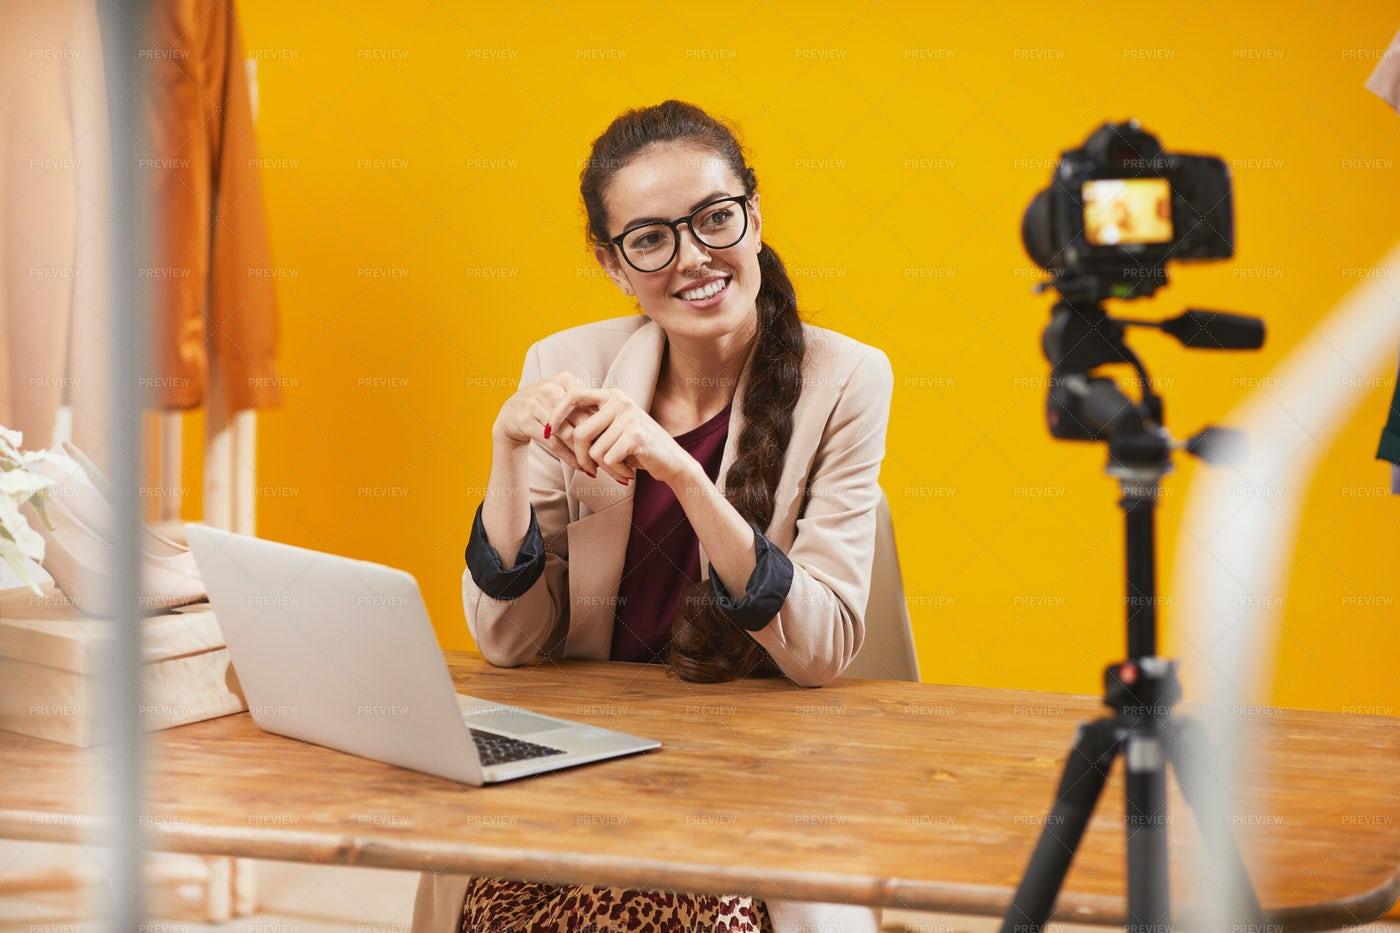 Beauty Vlogger Talking To Camera: Stock Photos